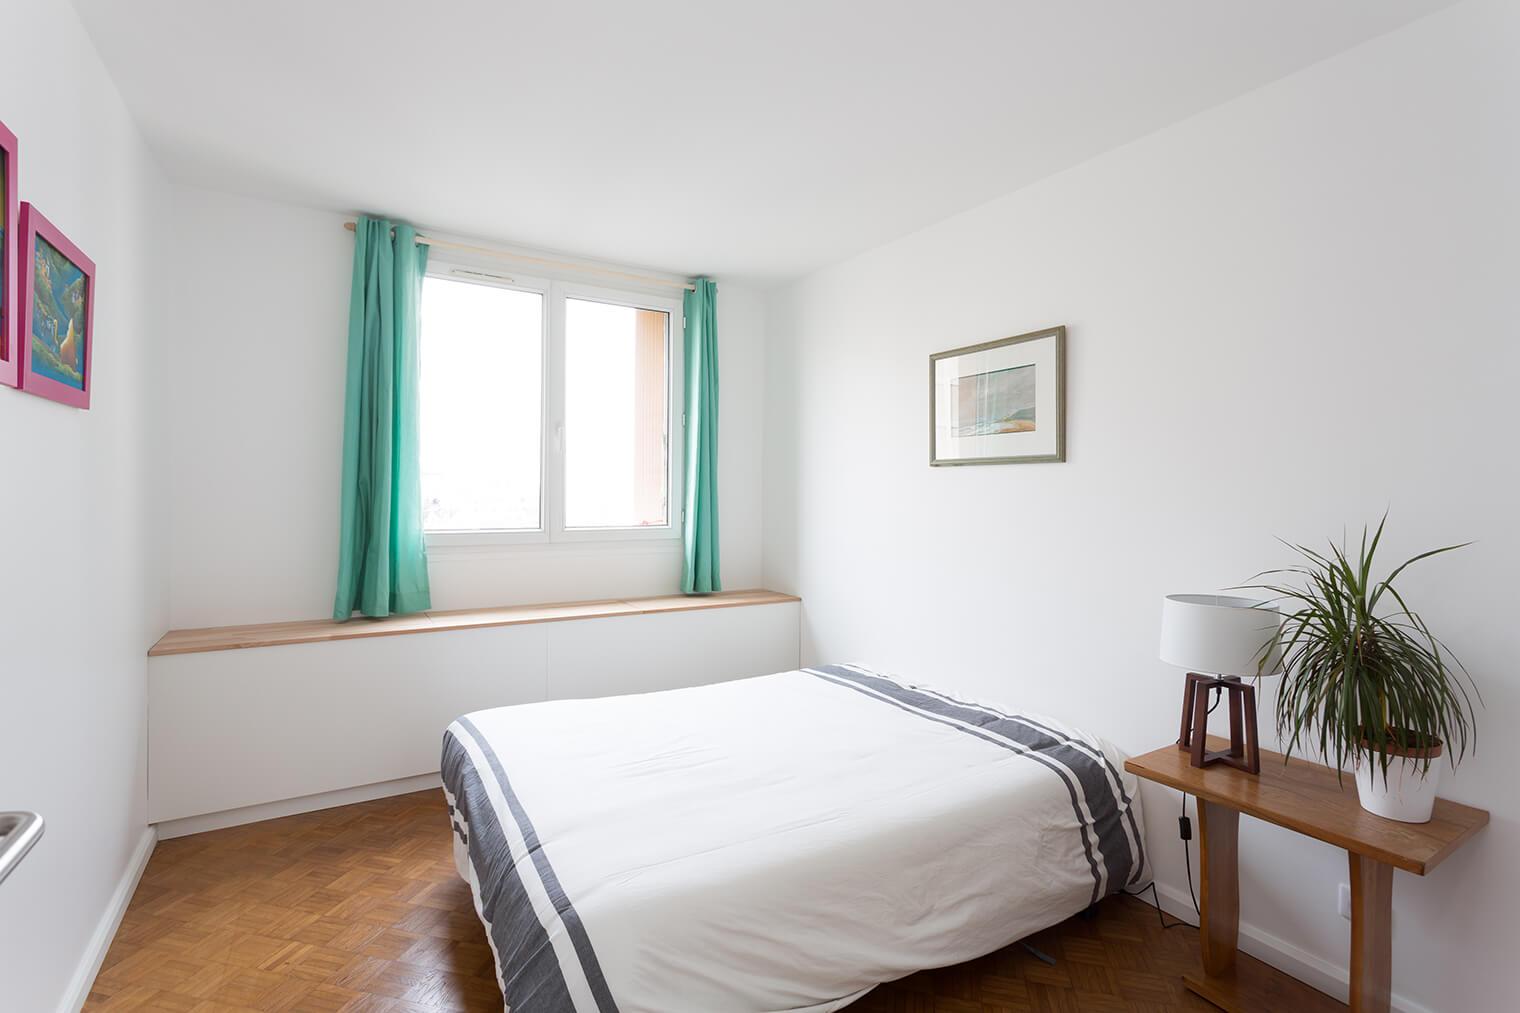 Décoration d'une chambre avec parquet